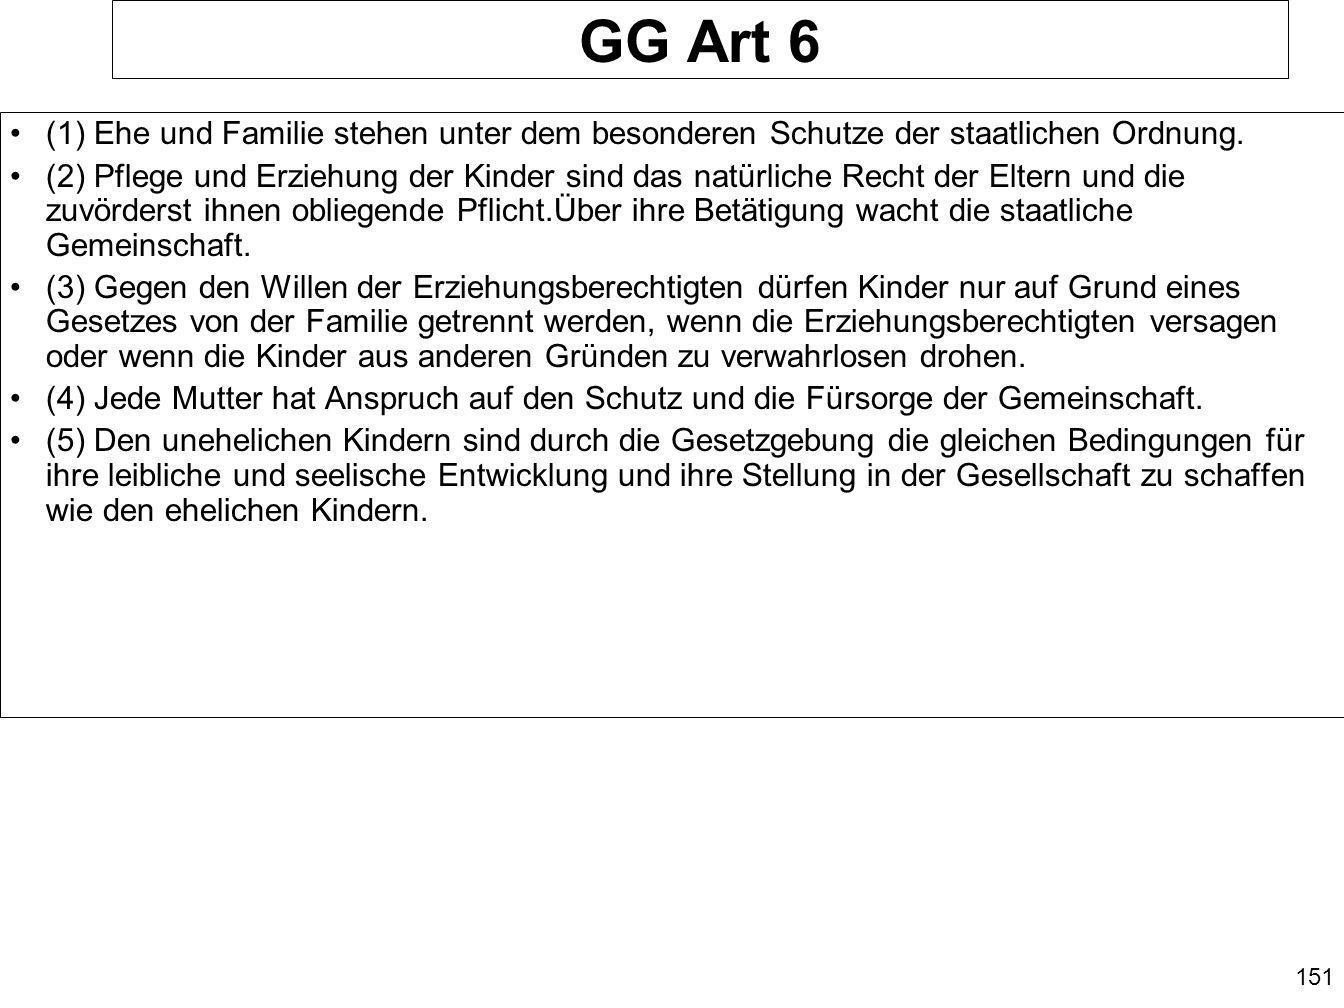 GG Art 6 (1) Ehe und Familie stehen unter dem besonderen Schutze der staatlichen Ordnung.